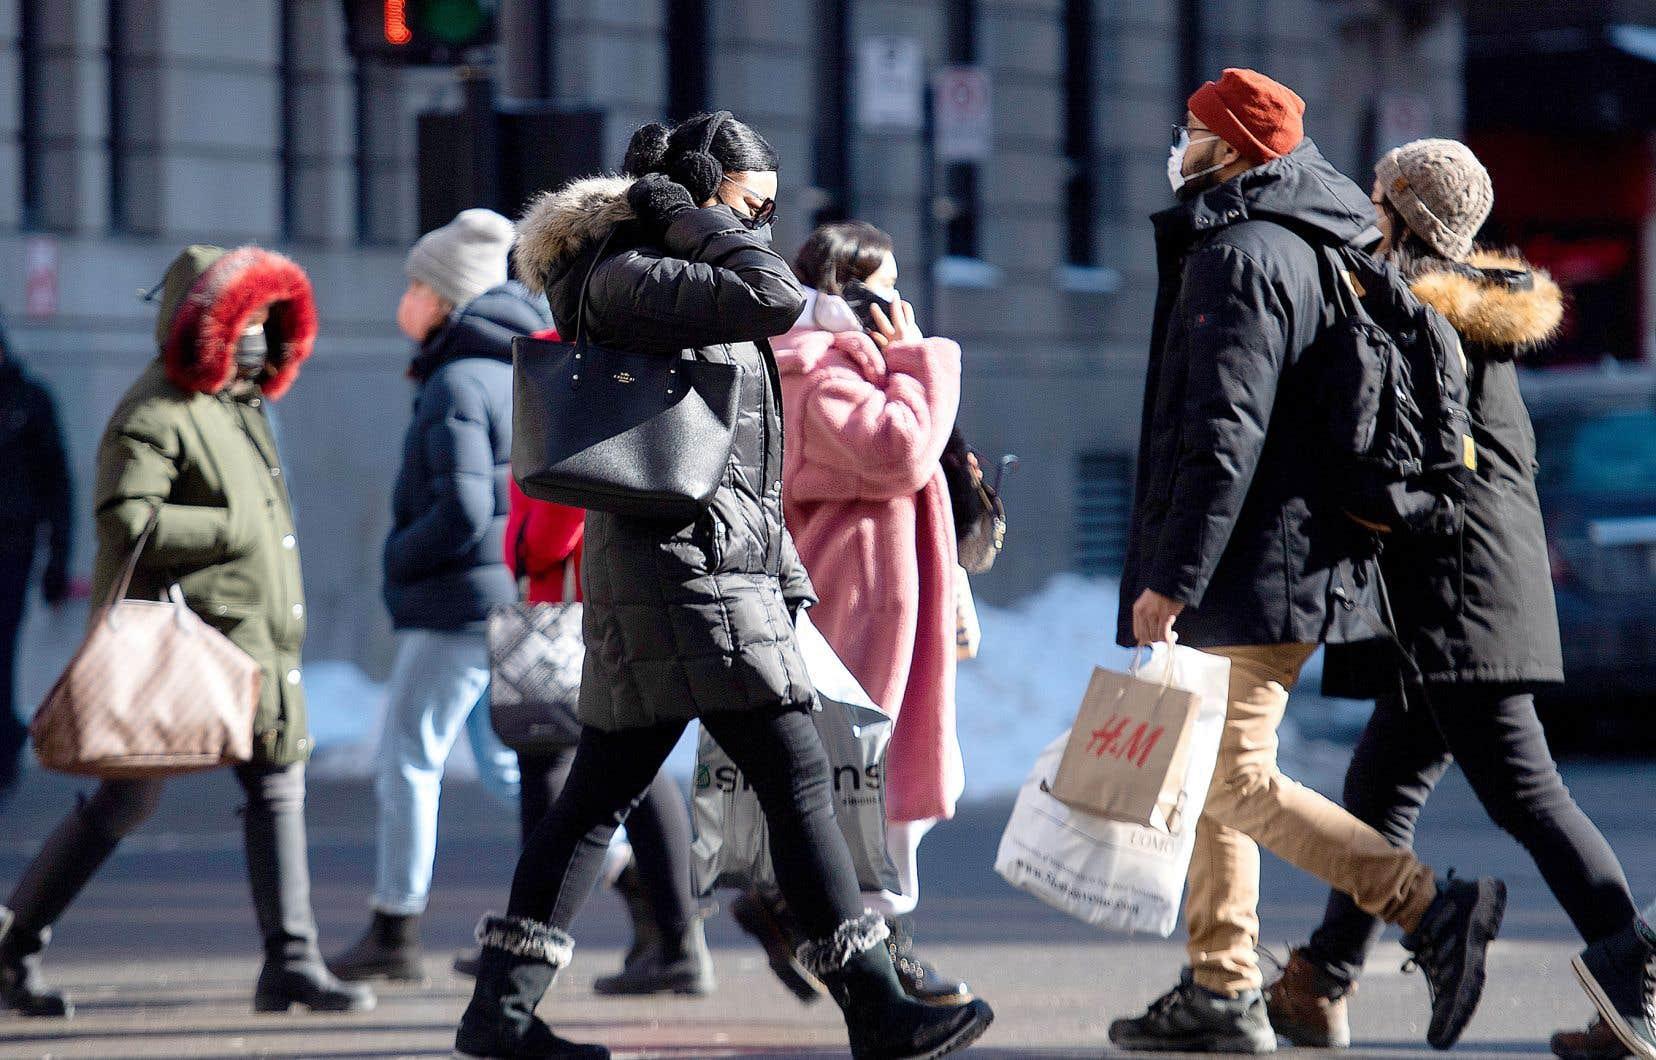 Selon un sondage réalisé en 2017, 65% des Québécois «se sentent très différents ou assez différents des Américains».